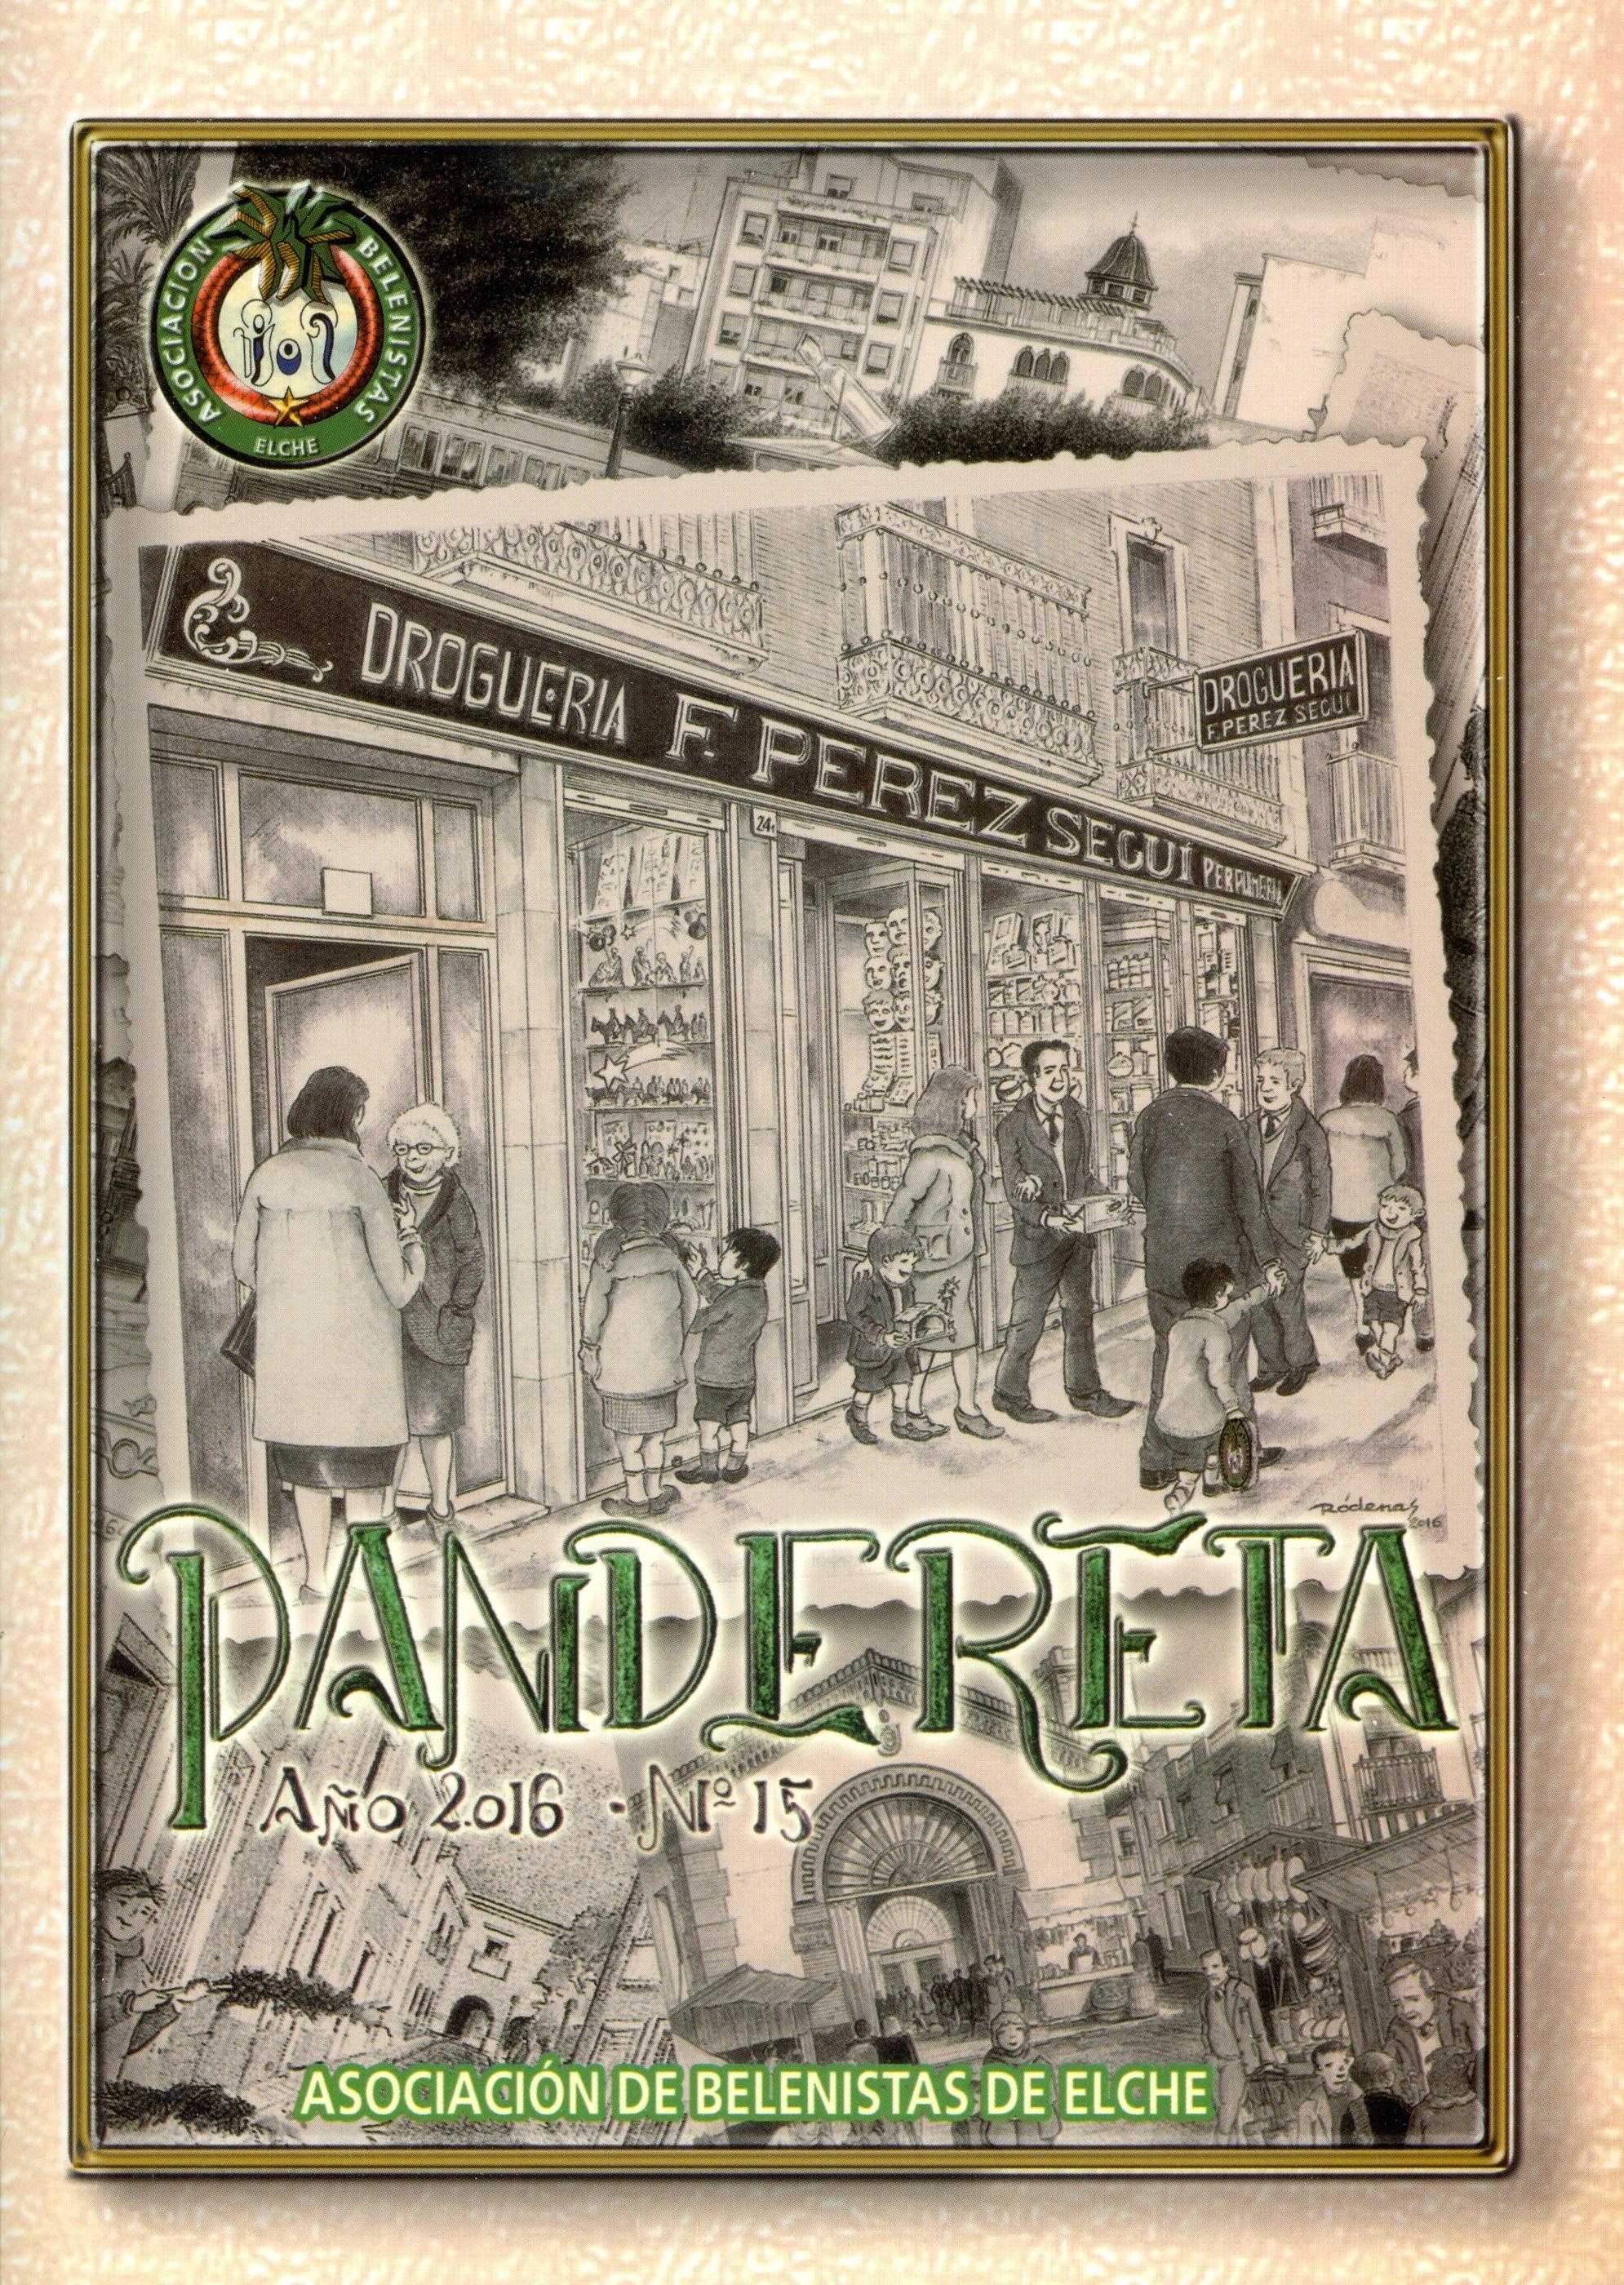 Portada de la revista Pandereta Nº 15 - 2016, de la Asociación de Belenistas de Elche